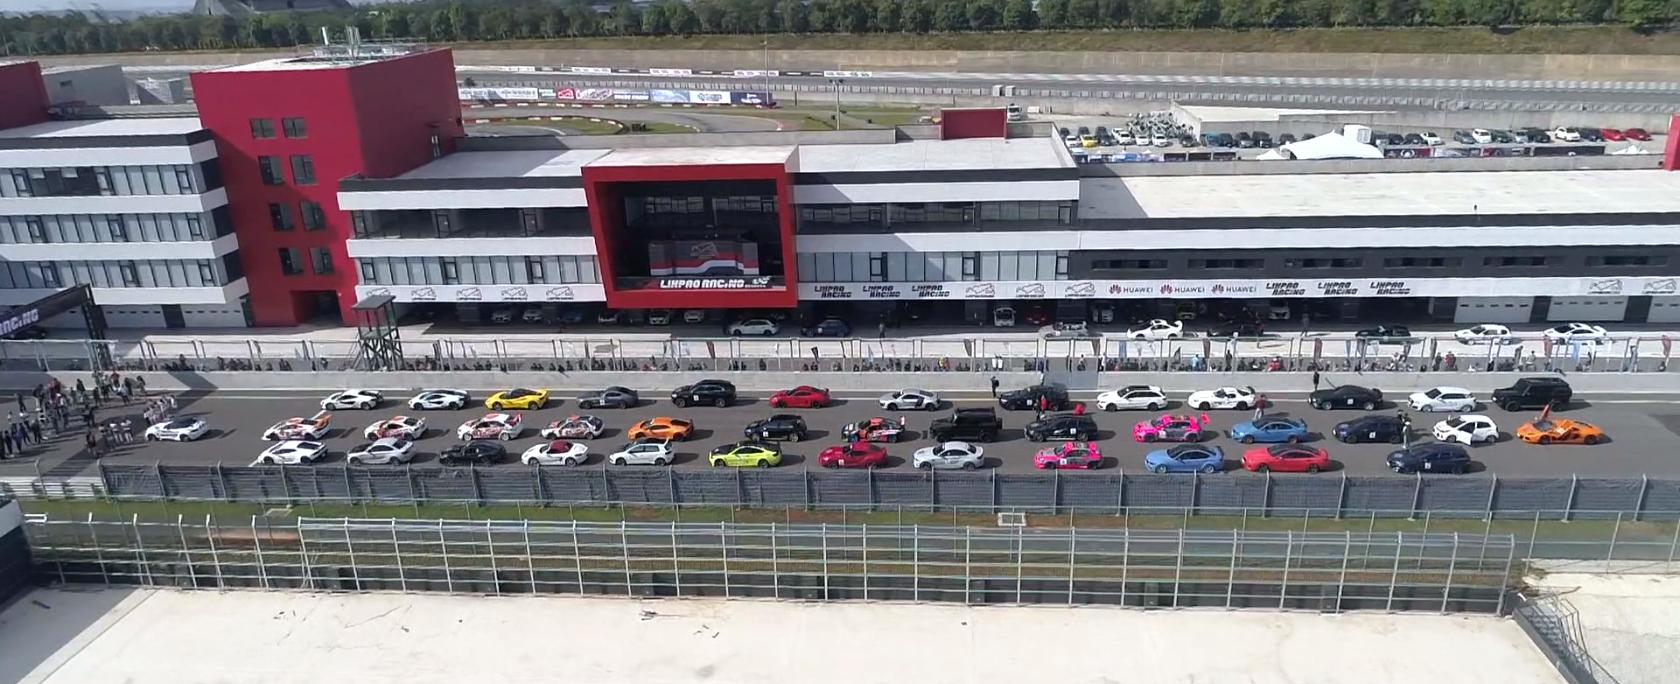 影片拍攝/空拍紀錄/2019 Euroway 優路威國際賽道嘉年華